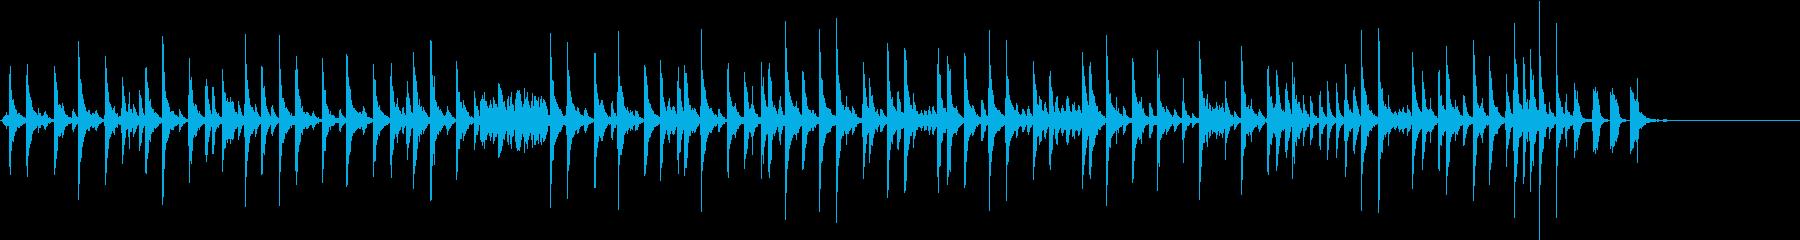 アコースティックドラムセット:スネ...の再生済みの波形